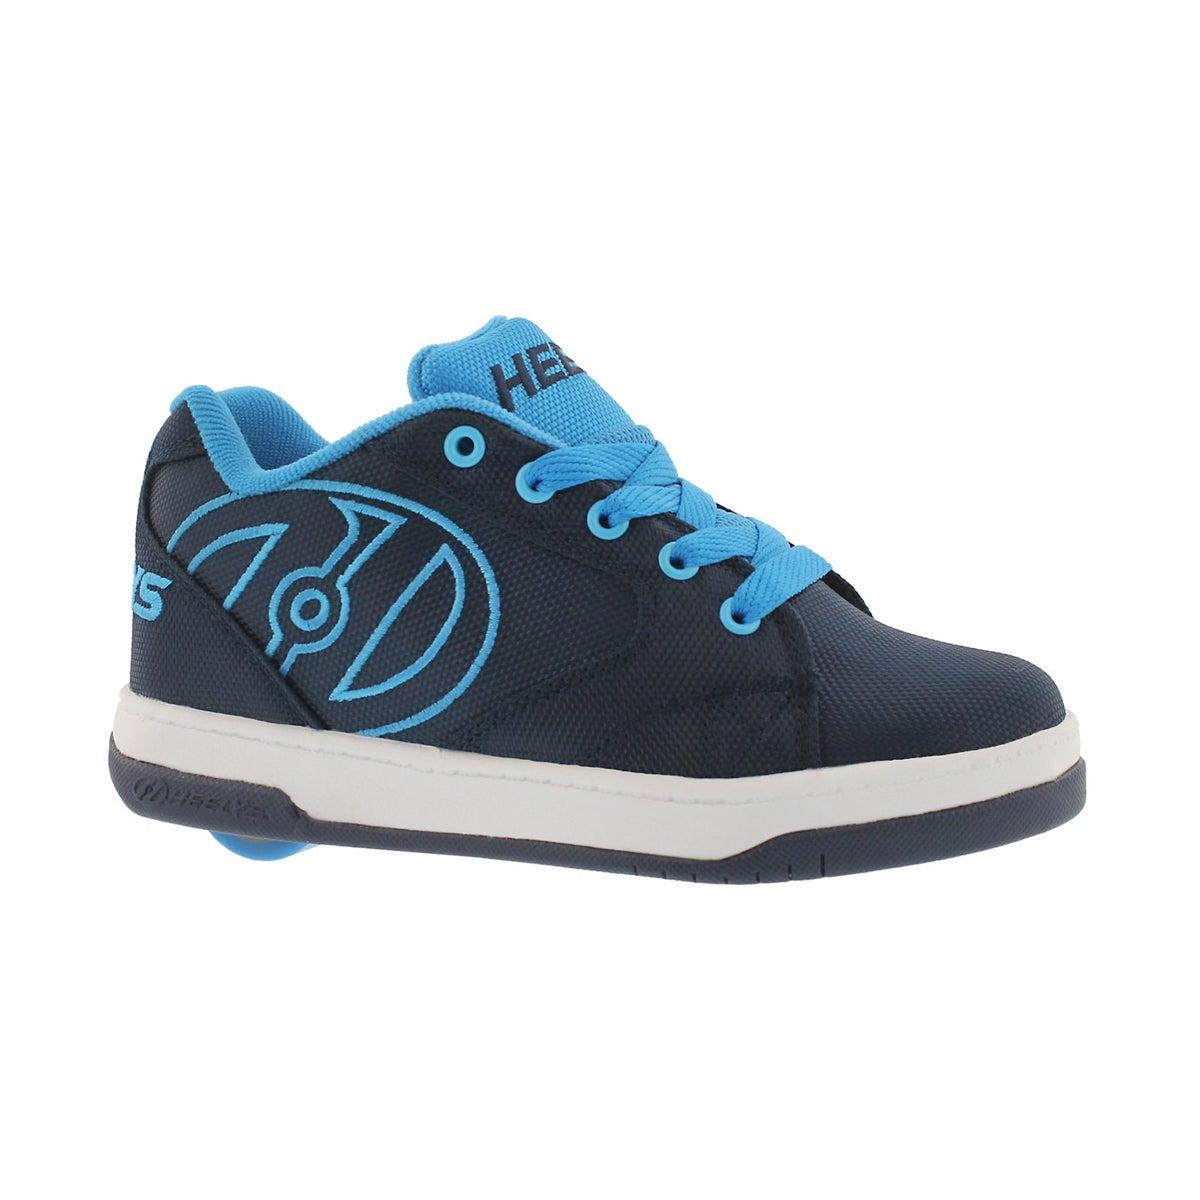 Boys' PROPEL 2.0 navy/blue skate sneakers